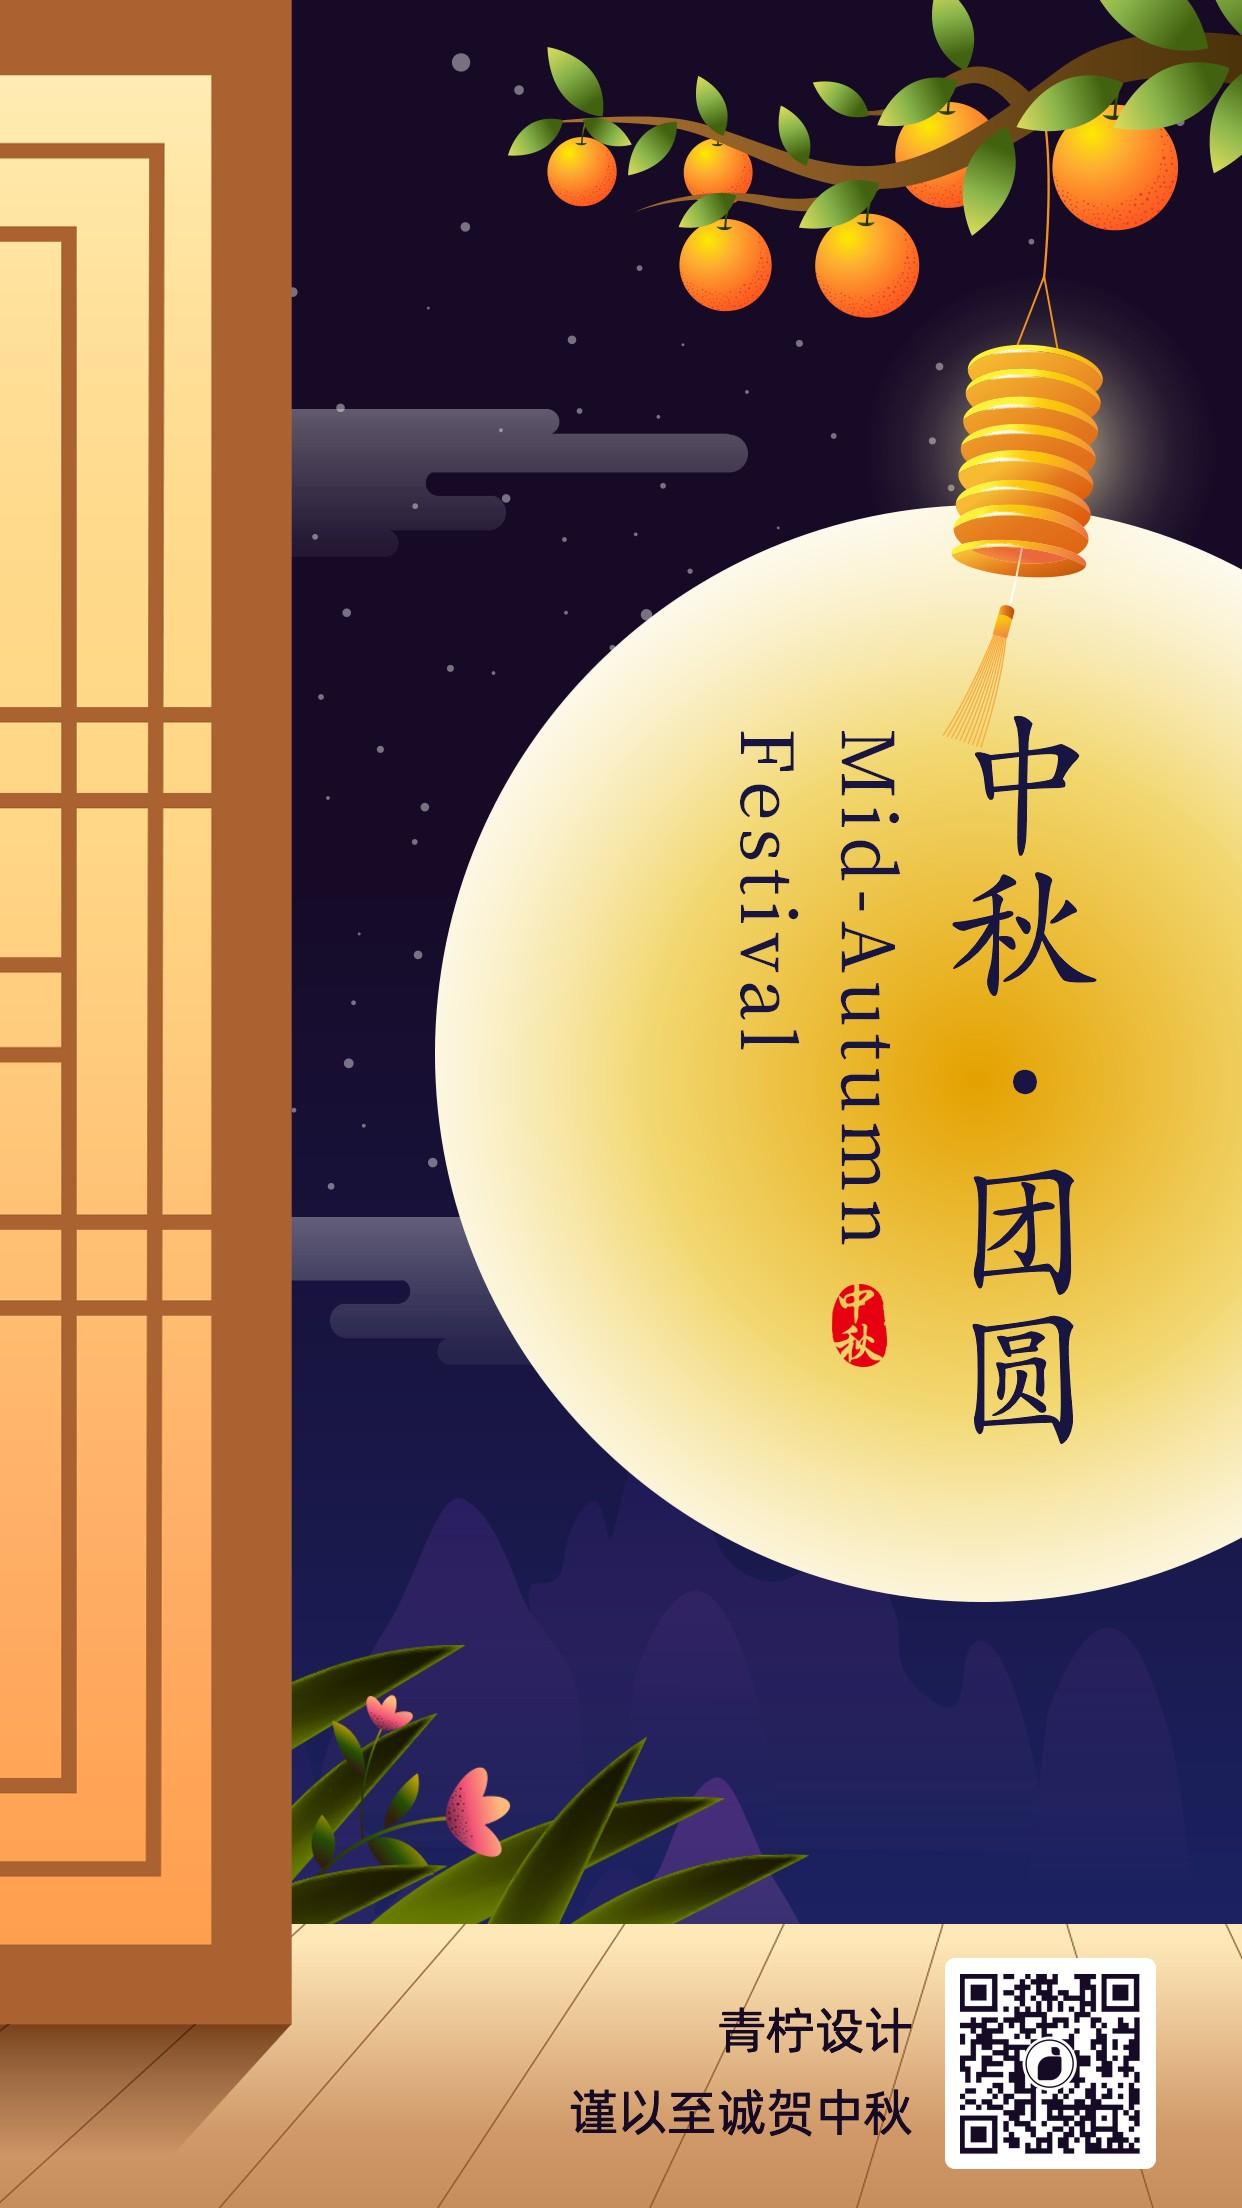 质感中秋节手机海报